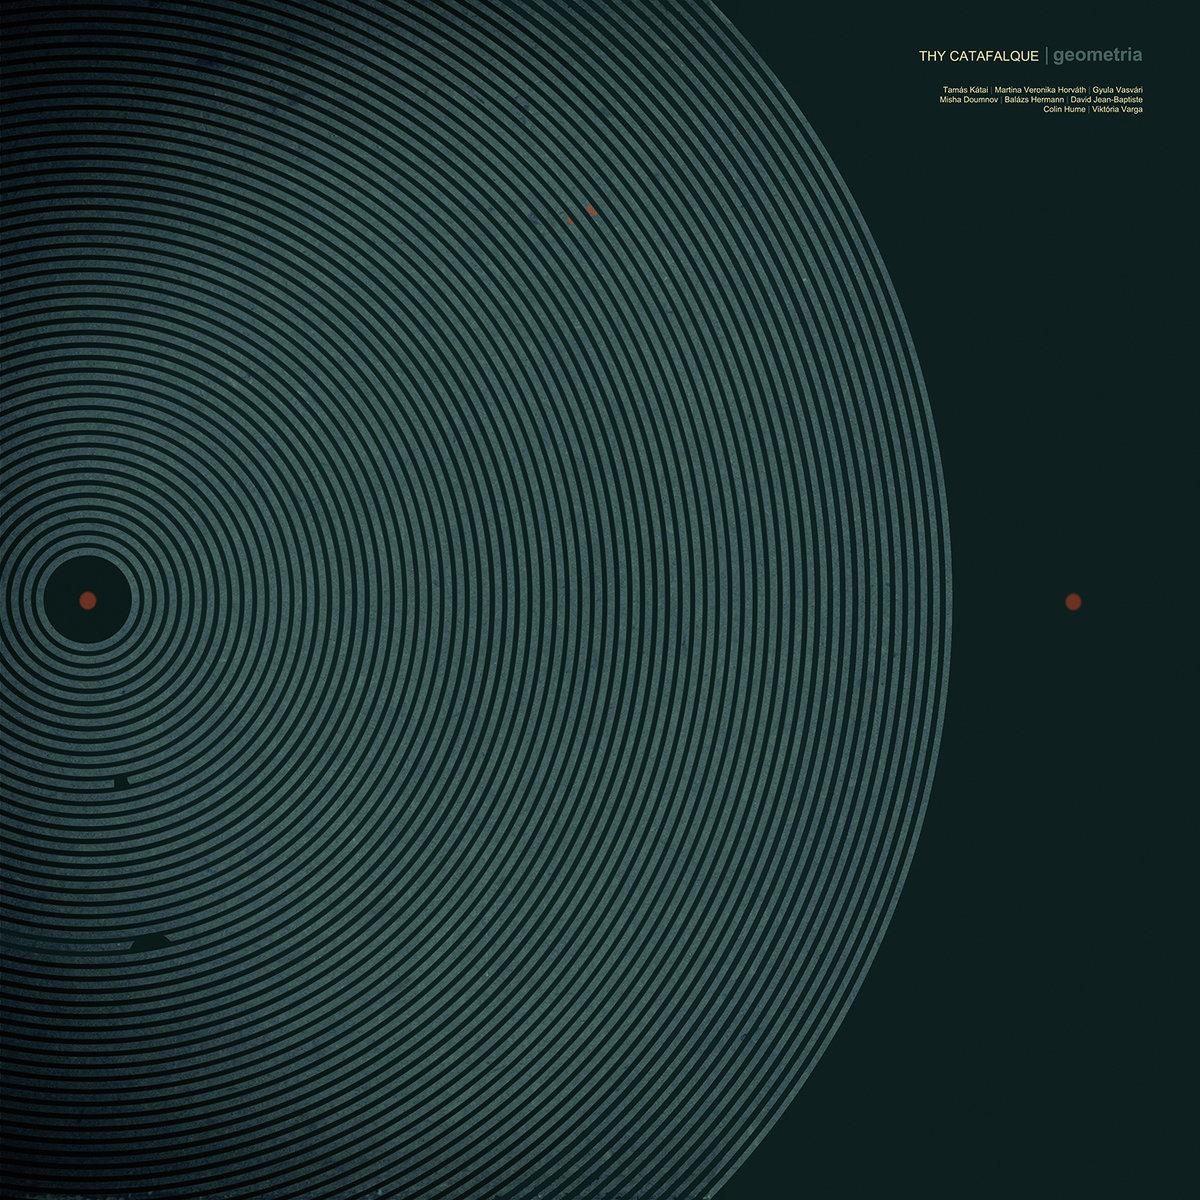 Thy Catafalque - Geometria<br /><br />Némi elfogultsággal tudunk csak beszélni a Thy Catafalque albumokról, hiszen mindegyik egy kiemelkedő mestermunka a maga műfaján belül. A Geometria talán a Rengeteg óta a legkiemelkedőbb termés a Kátai-művekből, mindenféle tekintetben.